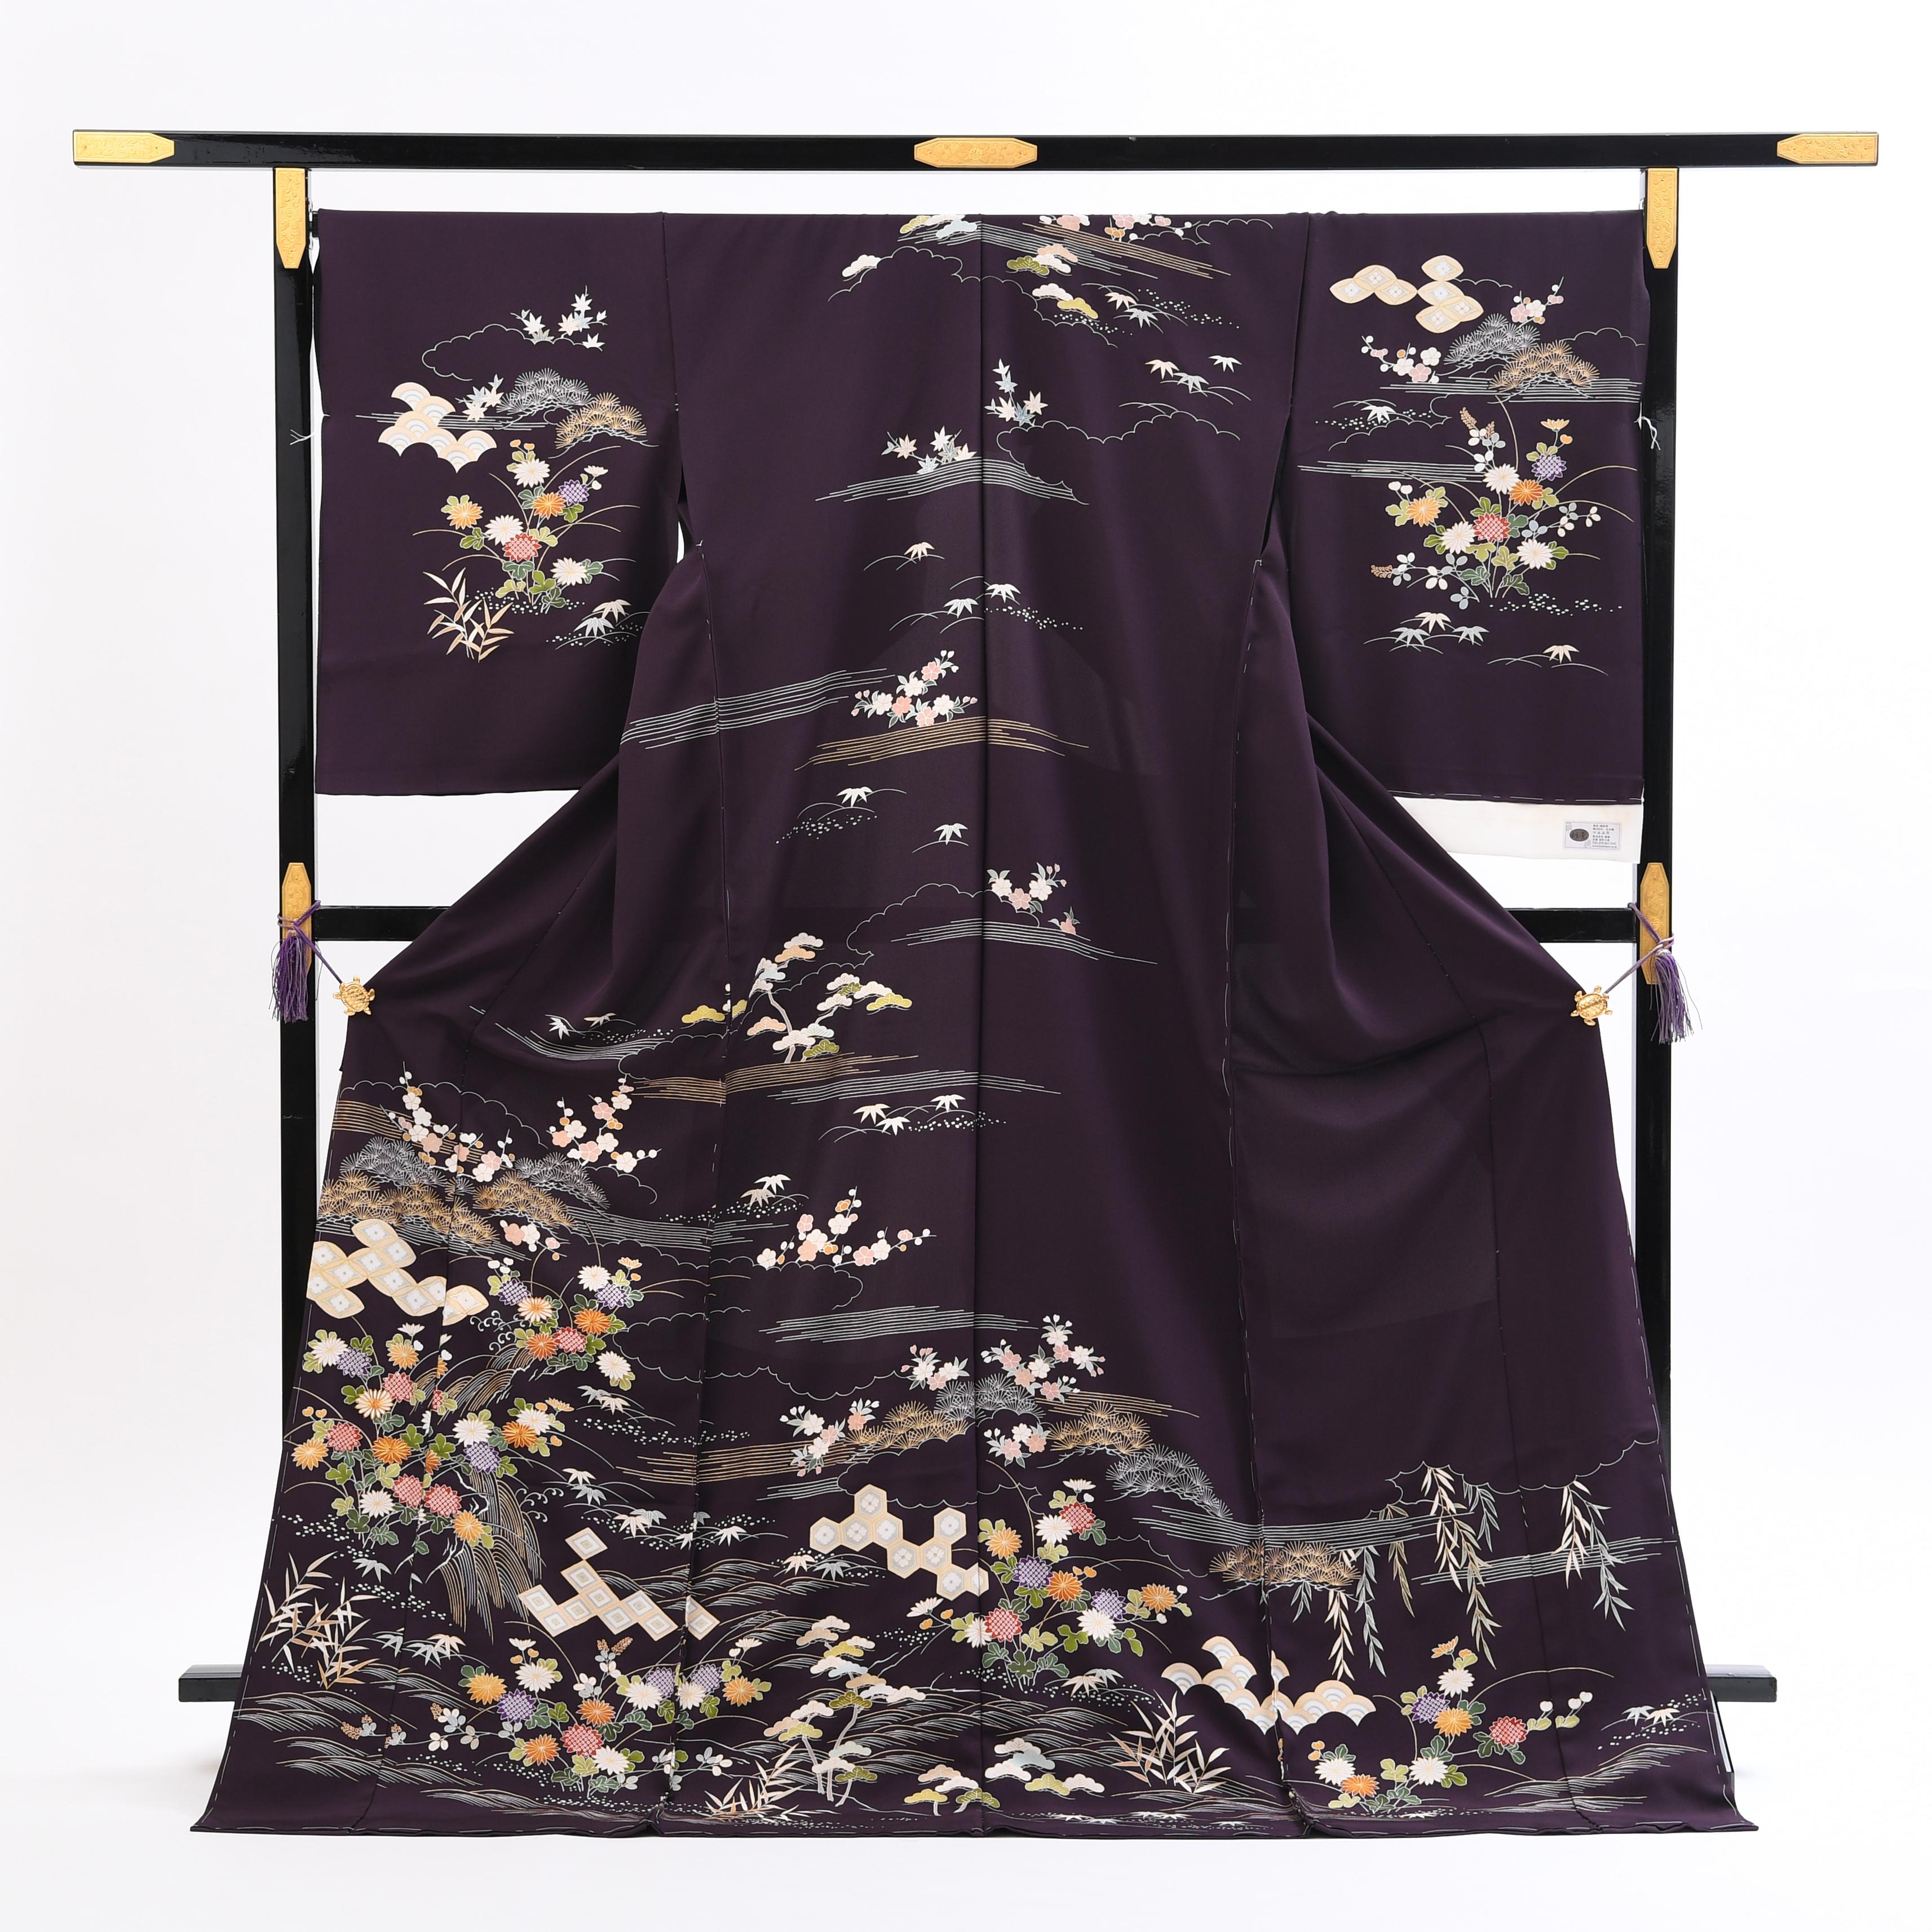 【高級訪問着オーダーレンタル】3170807 オーダーレンタル訪問着・京友禅の菱健謹製「古代紫色の草花文様」